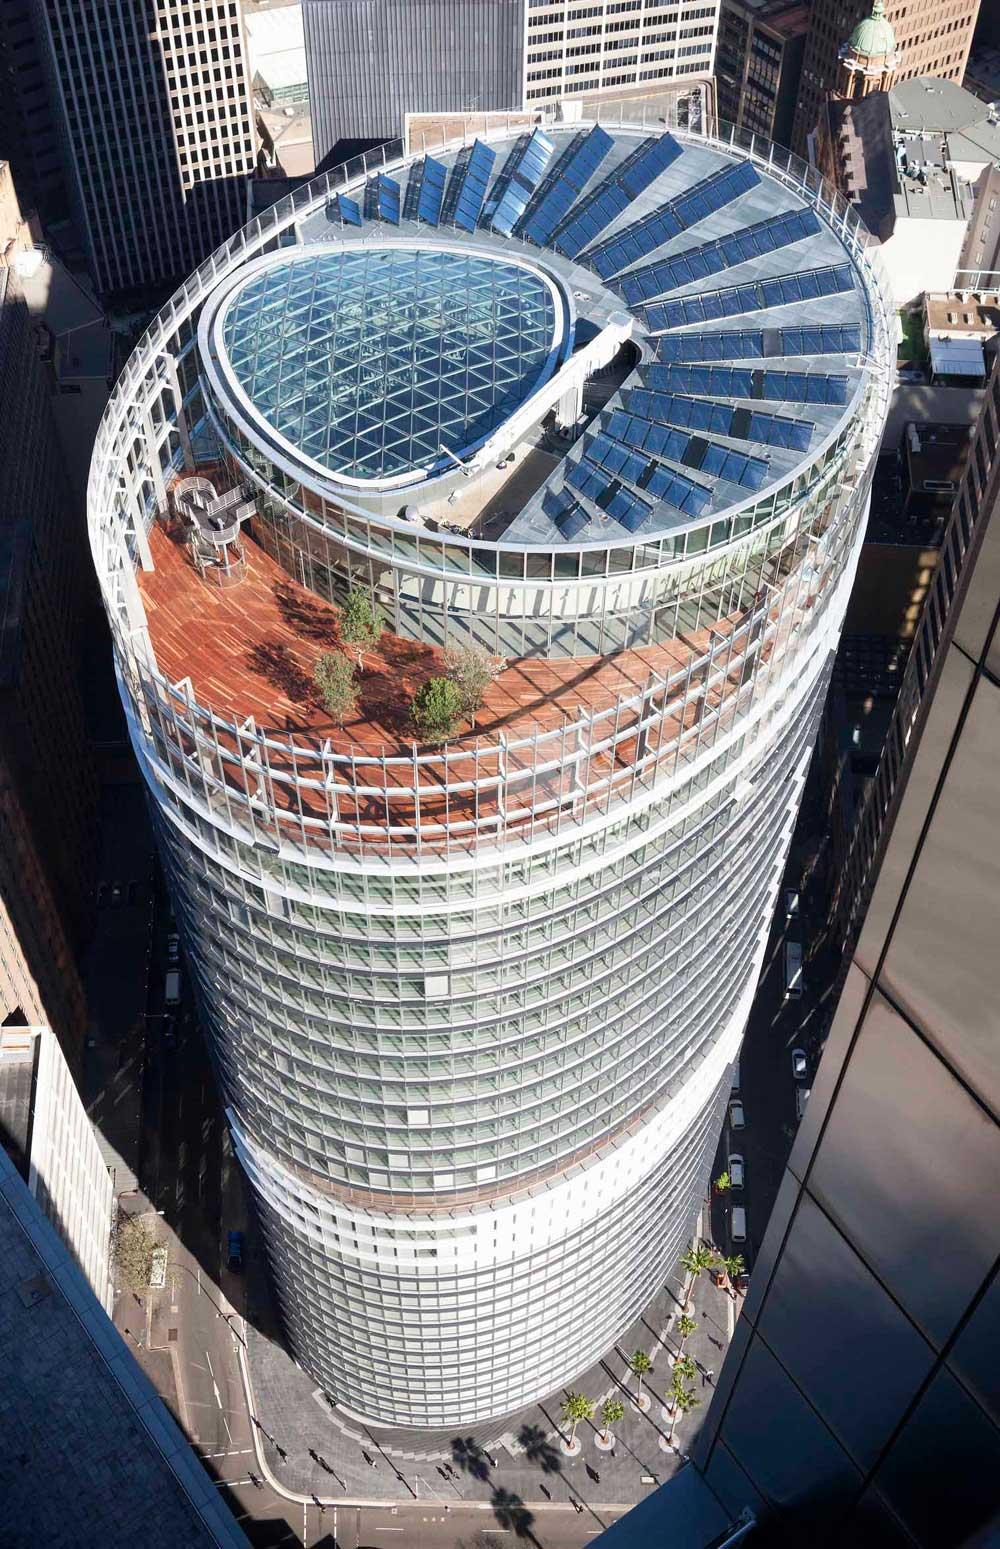 1 Bligh Street Wins The The International Highrise Award 2012